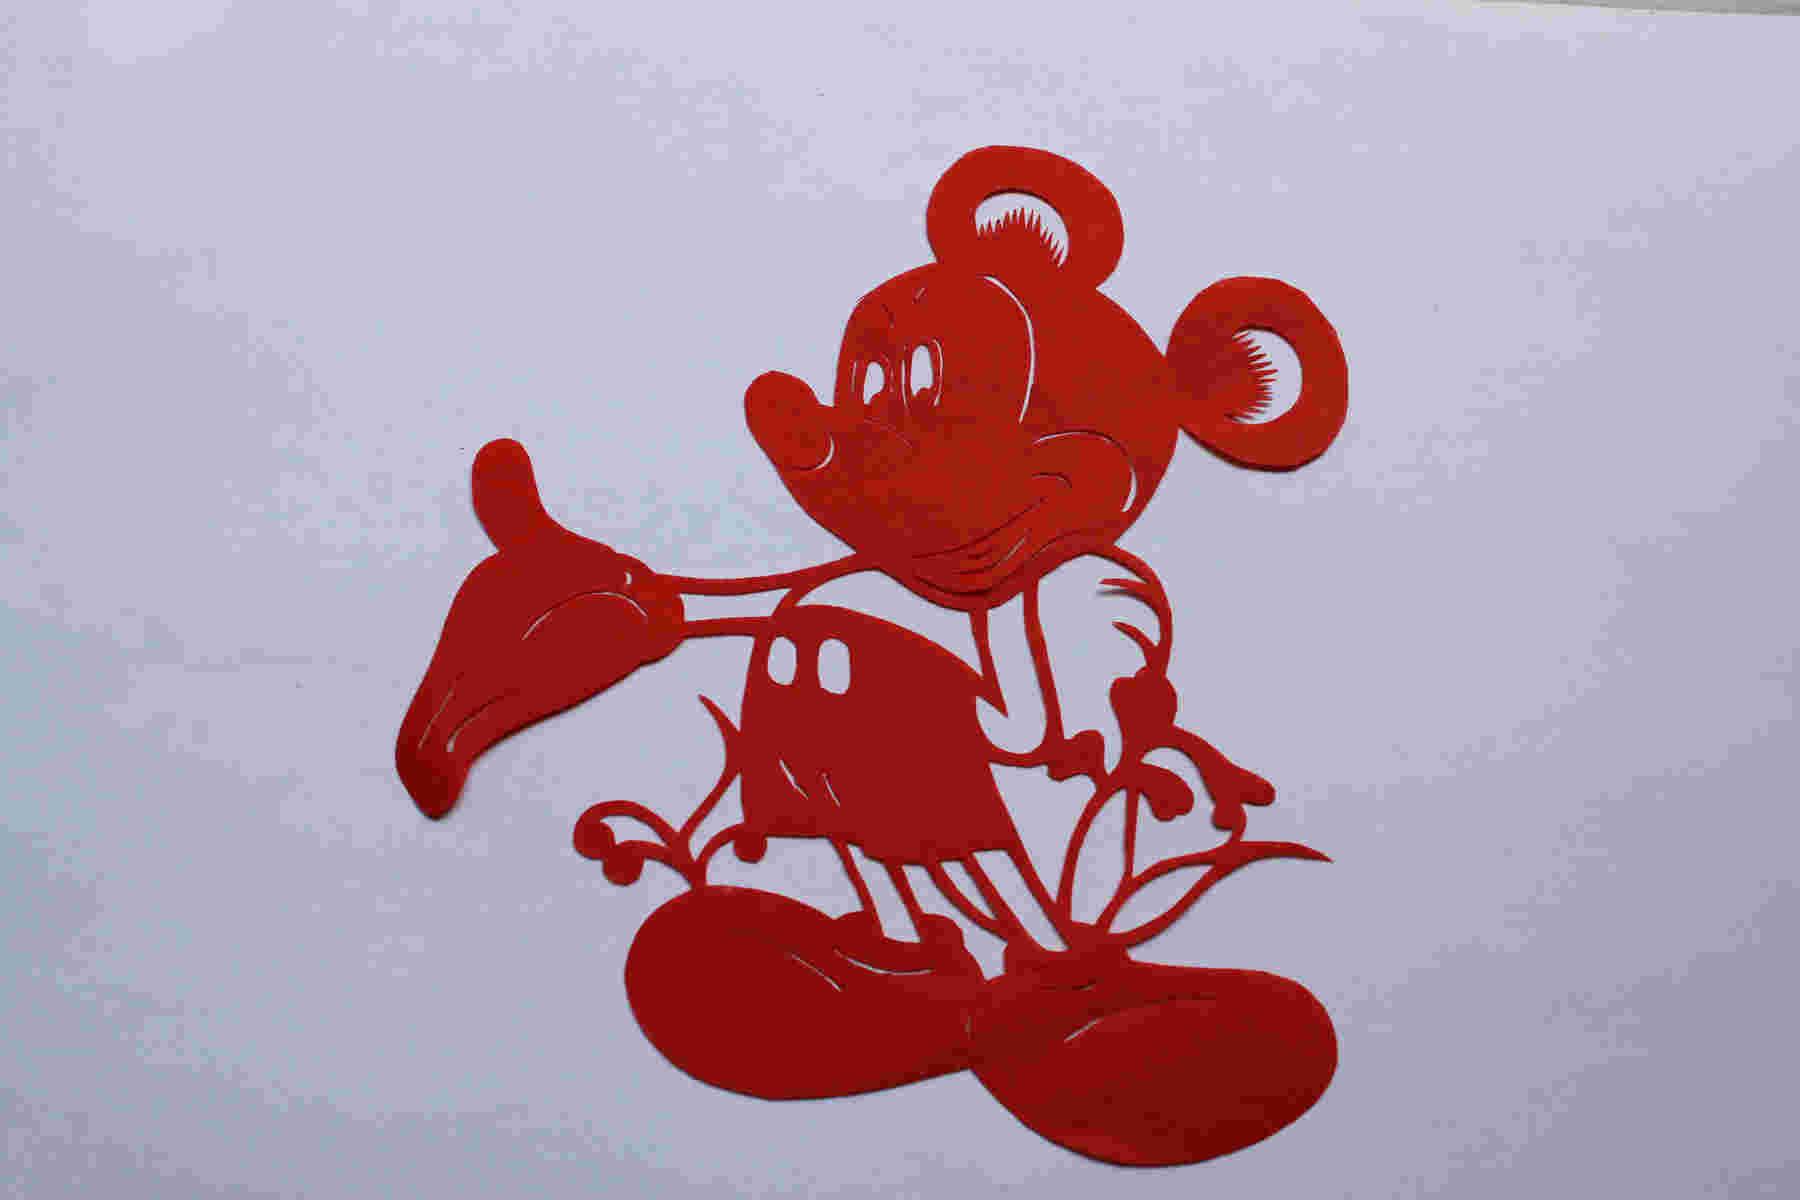 米奇老鼠剪纸步骤